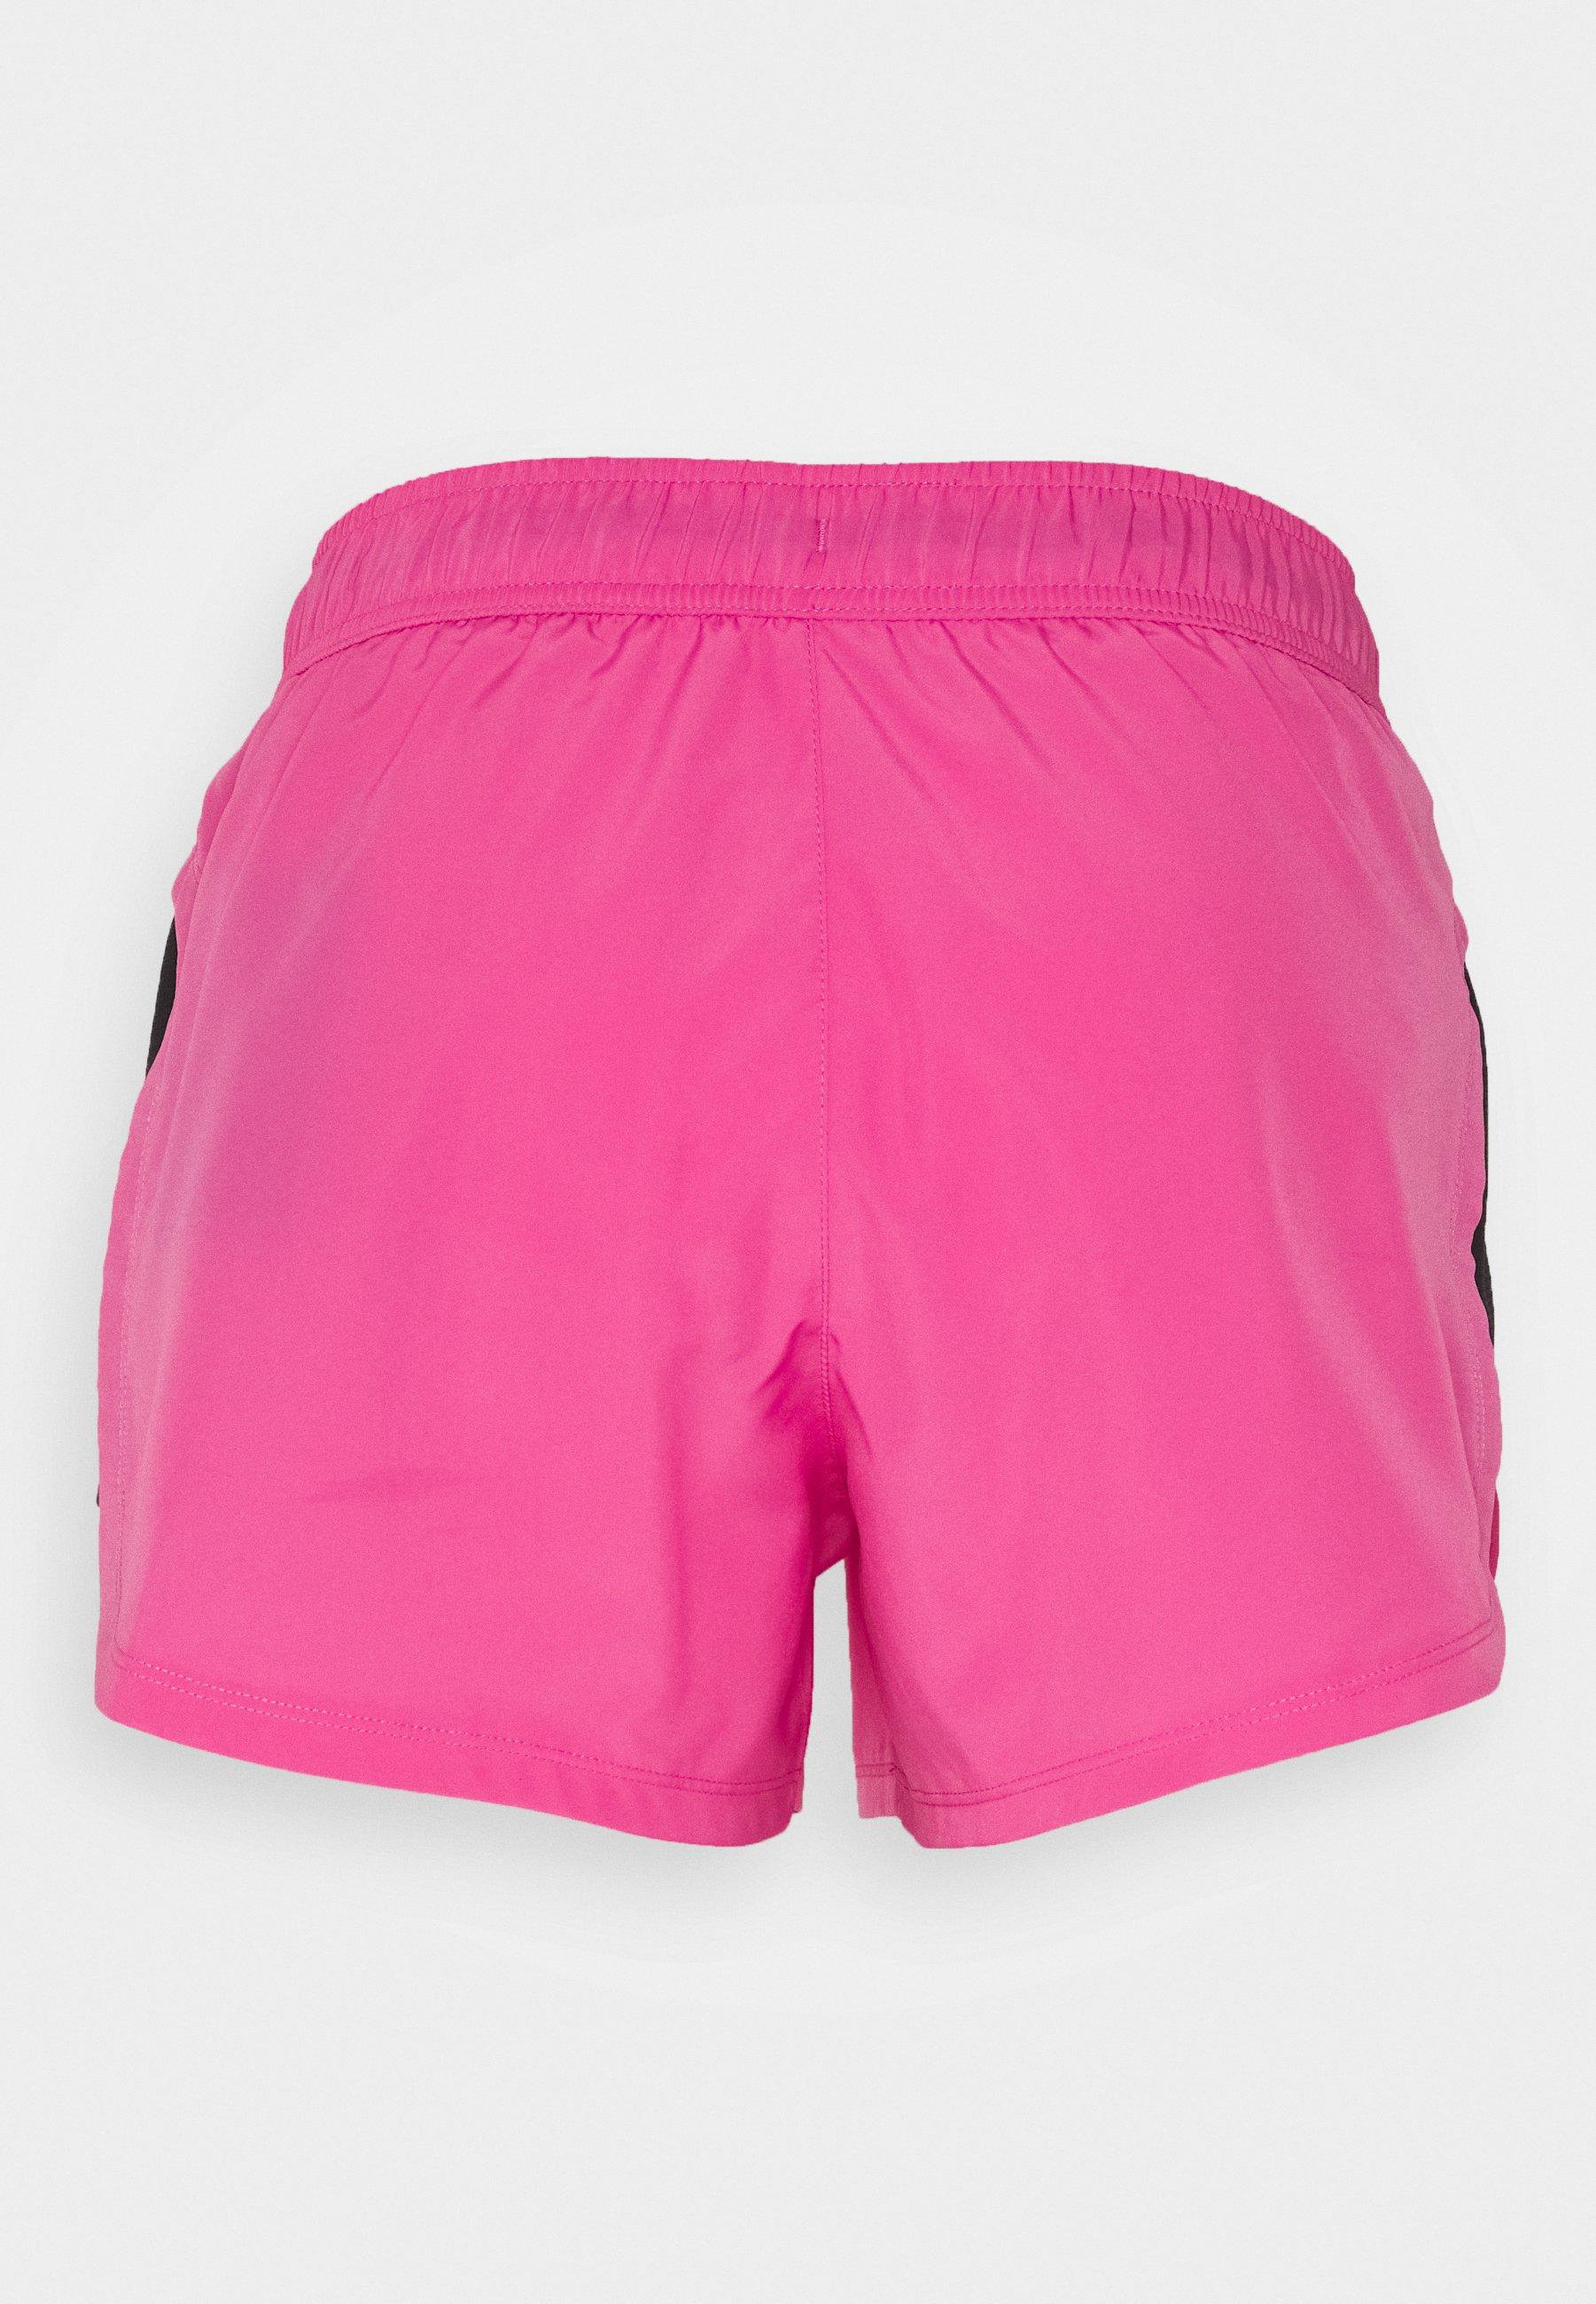 AIR SHORT Short de sport pinksicleblackblack